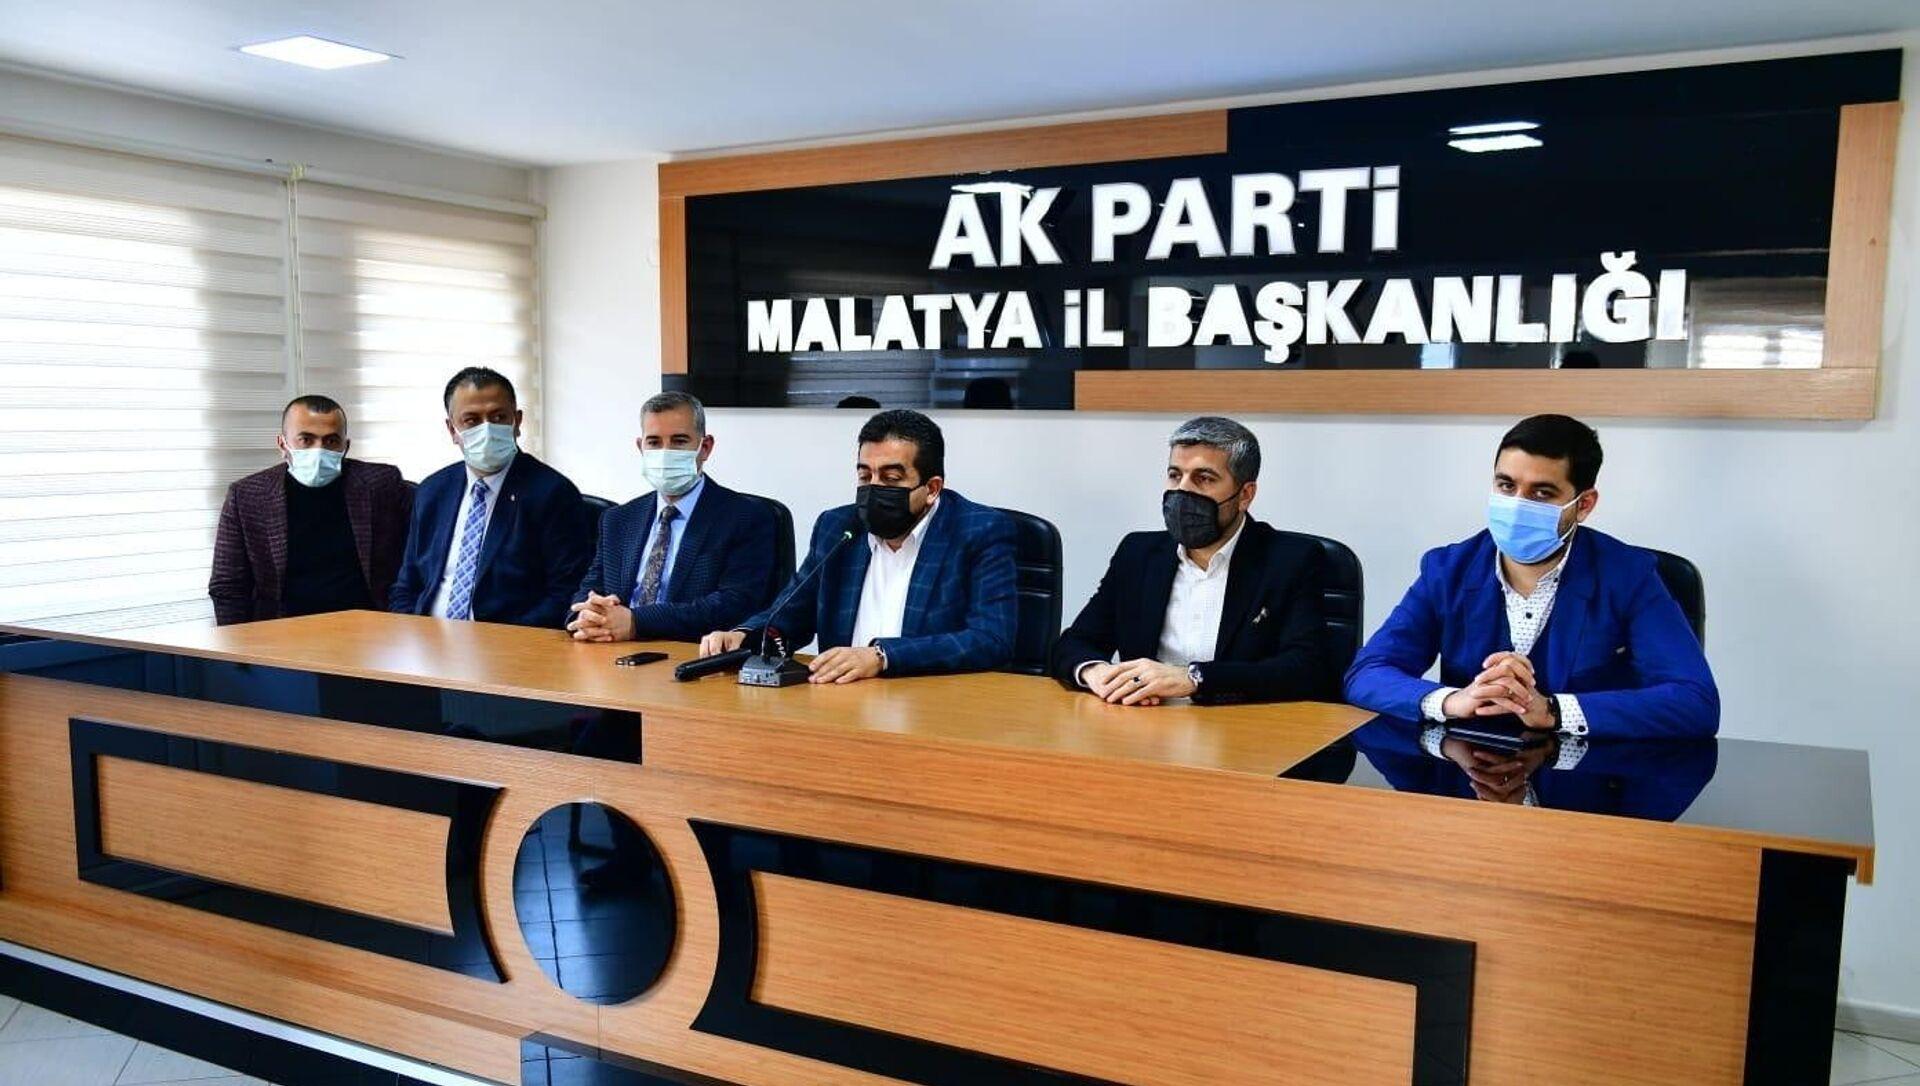 Yeşilyurt Belediye Başkanı Mehmet Çınar, Almanya'ya düzenlenen gezi ile ilgili yürütülen soruşturma kapsamında, geziye katılan başkan yardımcılarından Bekir Karakuş'un görevden alındığını açıkladı. - Sputnik Türkiye, 1920, 15.04.2021